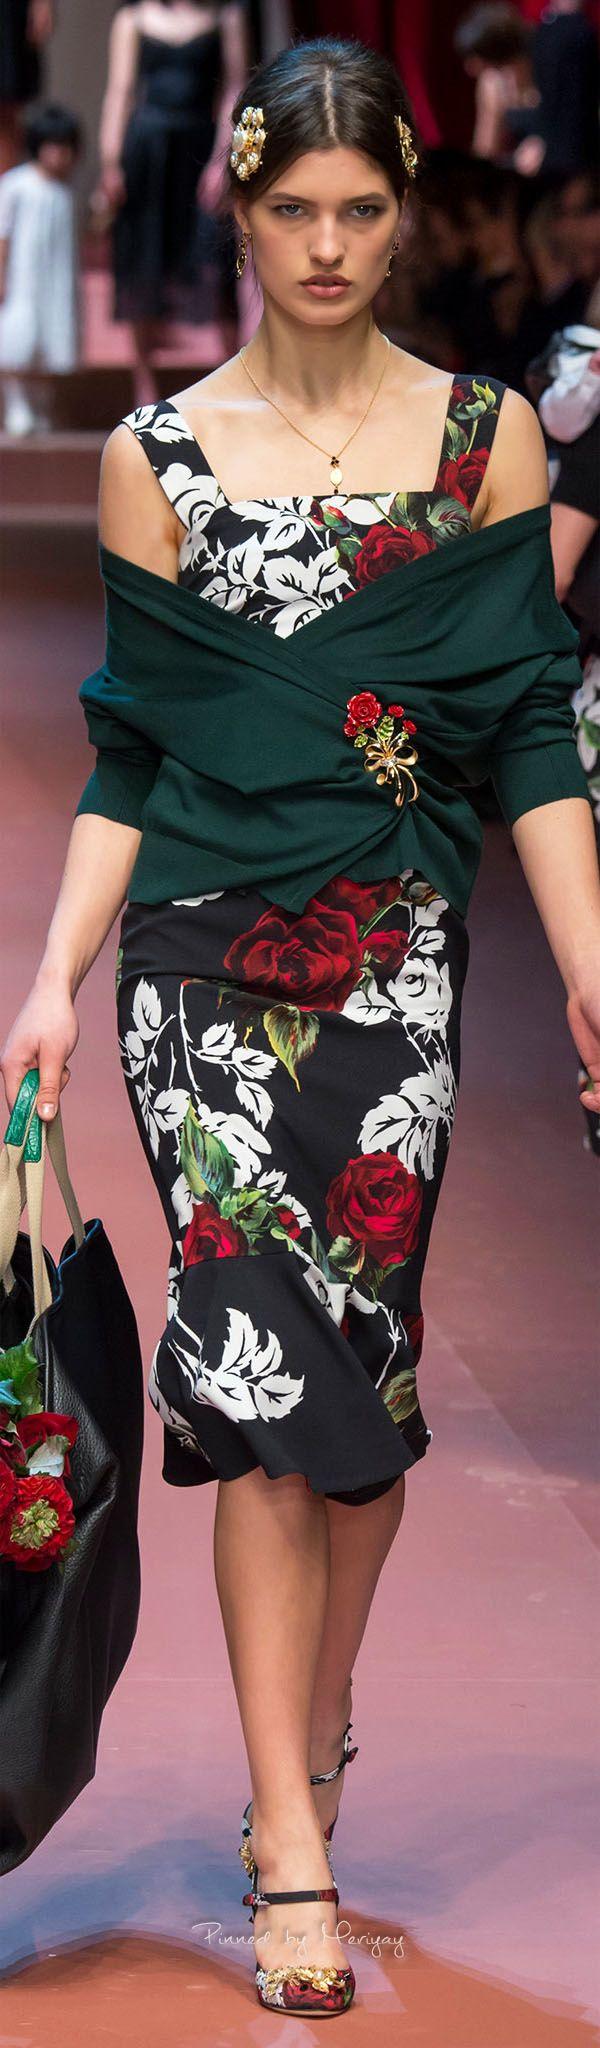 Dolce & Gabbana.Fall 2015. ○○○❥ڿڰۣ-- […] ●♆●❁ڿڰۣ❁ ஜℓvஜ ♡❃∘✤ ॐ♥..⭐..▾๑ ♡༺✿ ☾♡·✳︎· ❀‿ ❀♥❃.~*~. TH 11th FAB 2016!!!.~*~.❃∘❃ ✤ॐ ❦♥..⭐.♢∘❃♦♡❊** Have a Nice Day!**❊ღ ༺✿♡^^❥•*`*•❥ ♥♫ La-la-la Bonne vie ♪ ♥ ᘡlvᘡ❁ڿڰۣ❁●♆●○○○